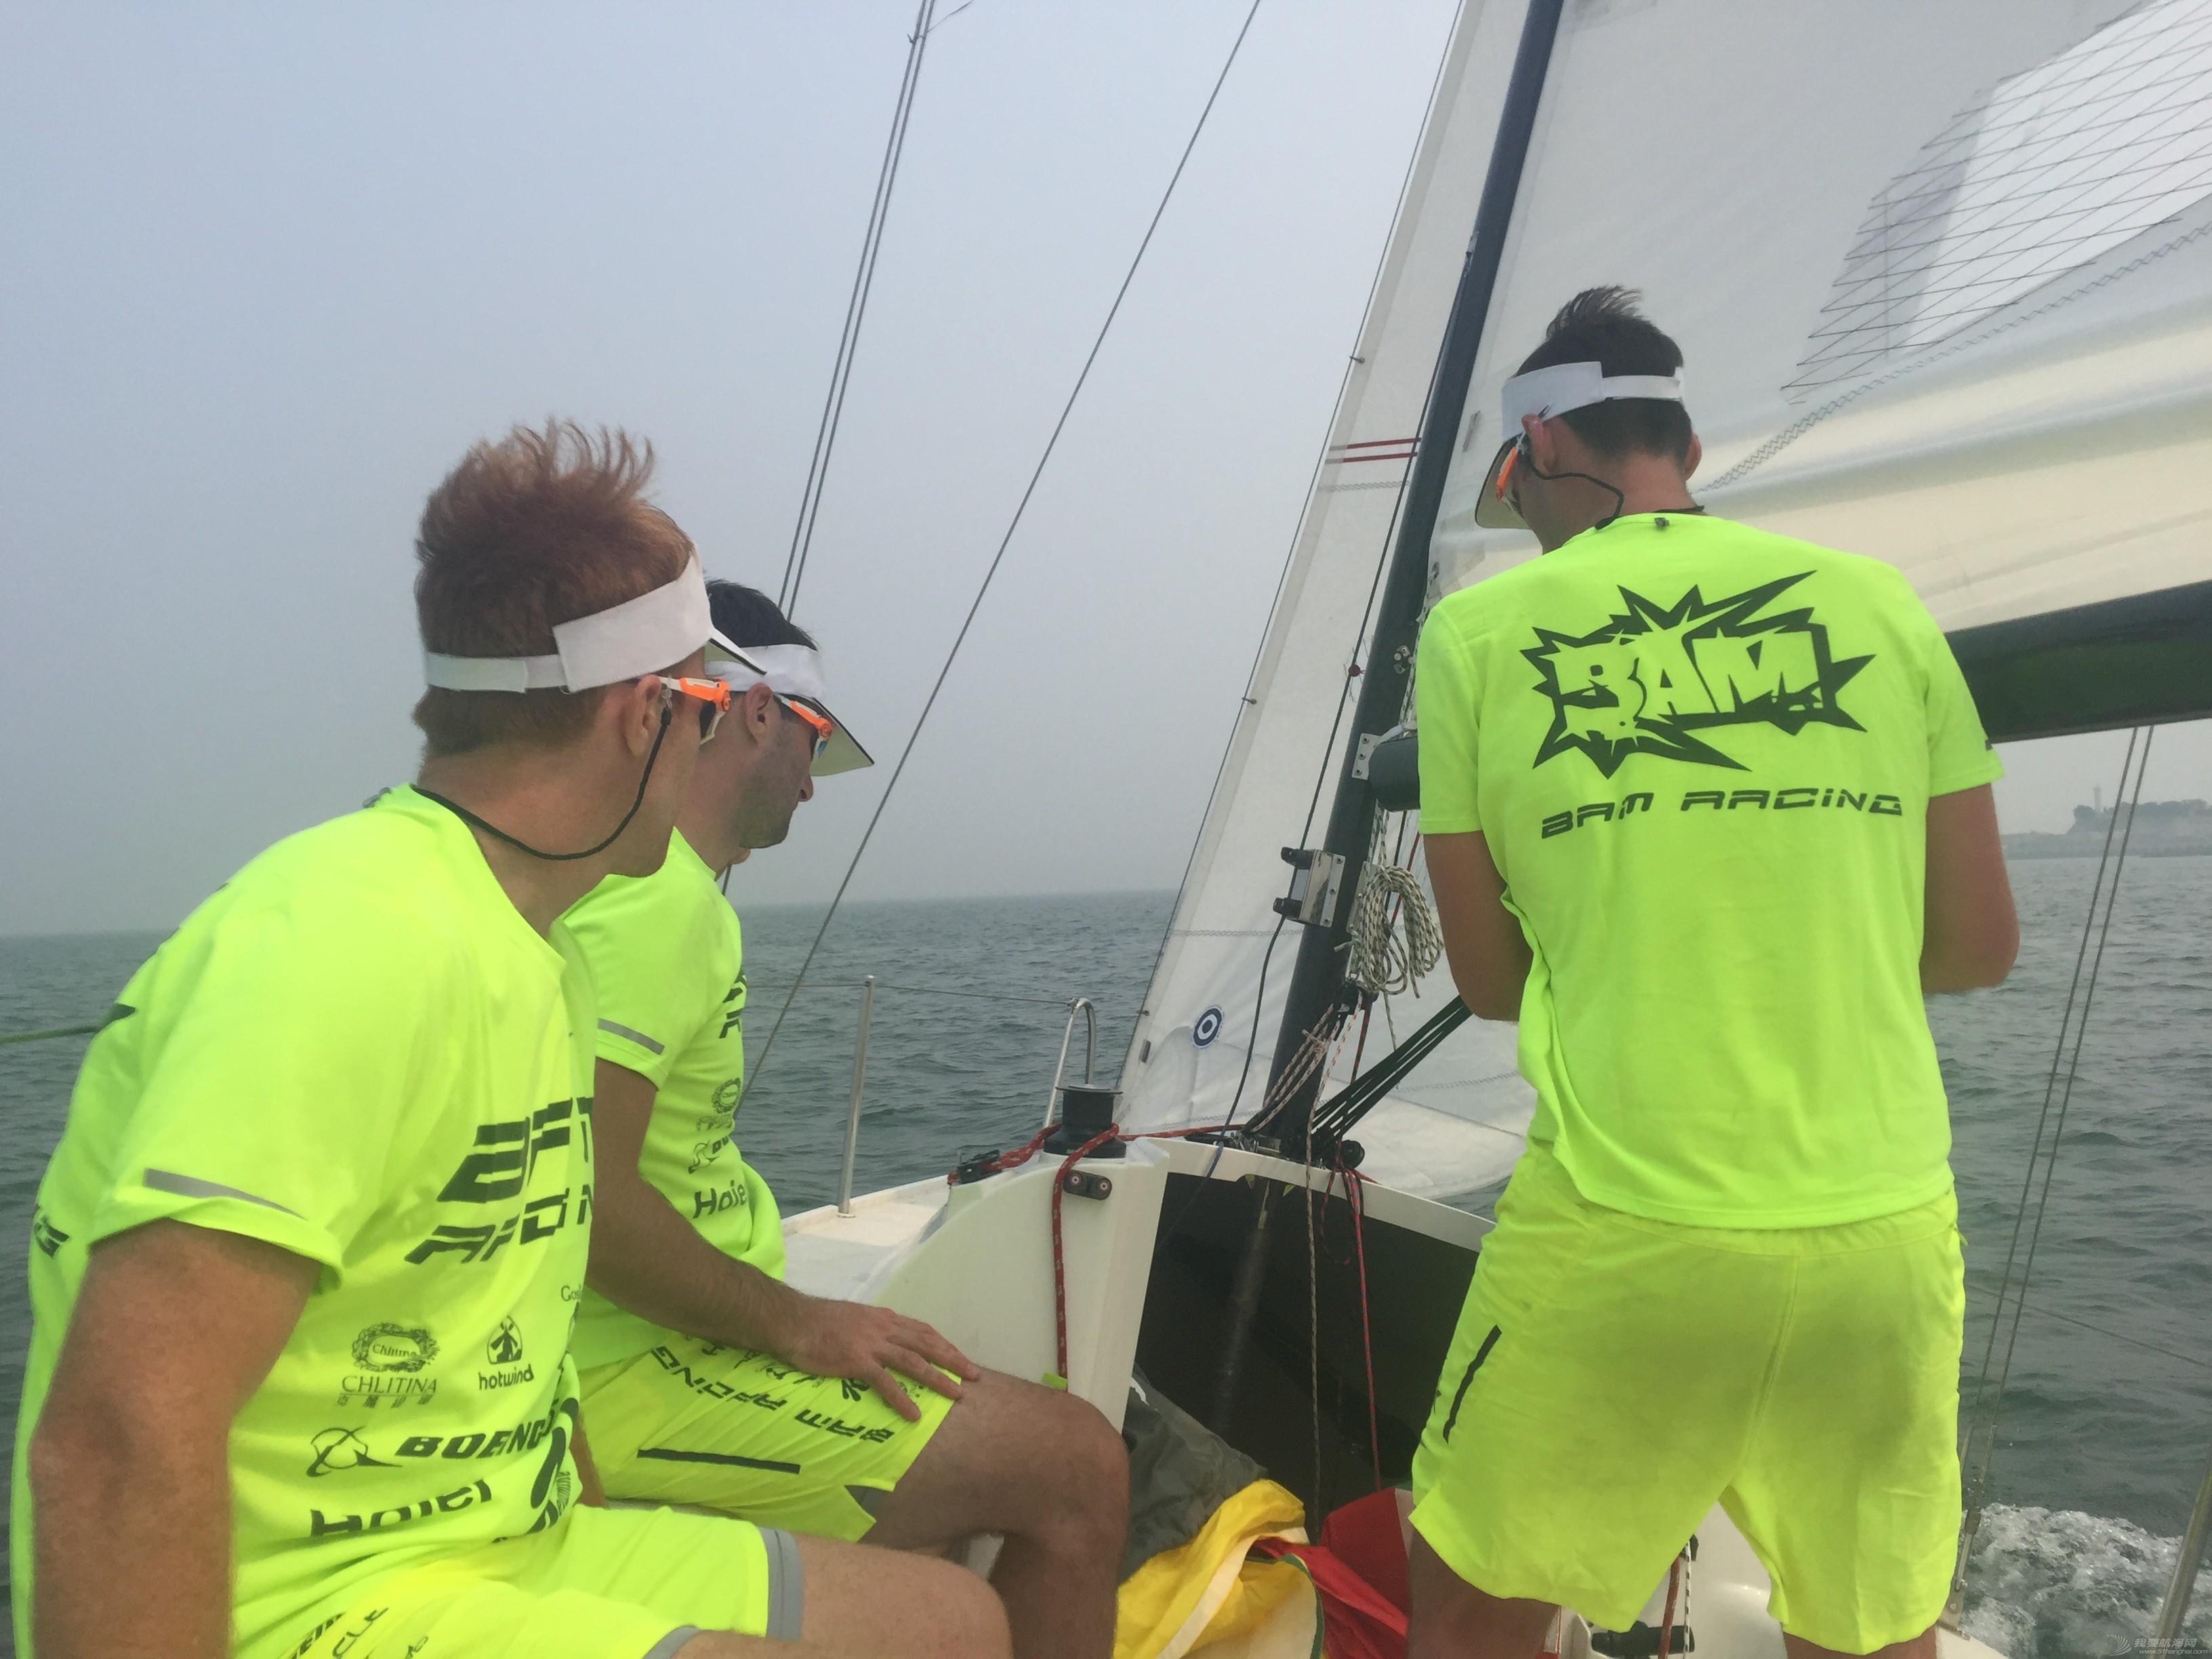 美国,朋友,帆船,国际,威海 帆船初体验——记参加威海杯国际帆船赛 首次练习